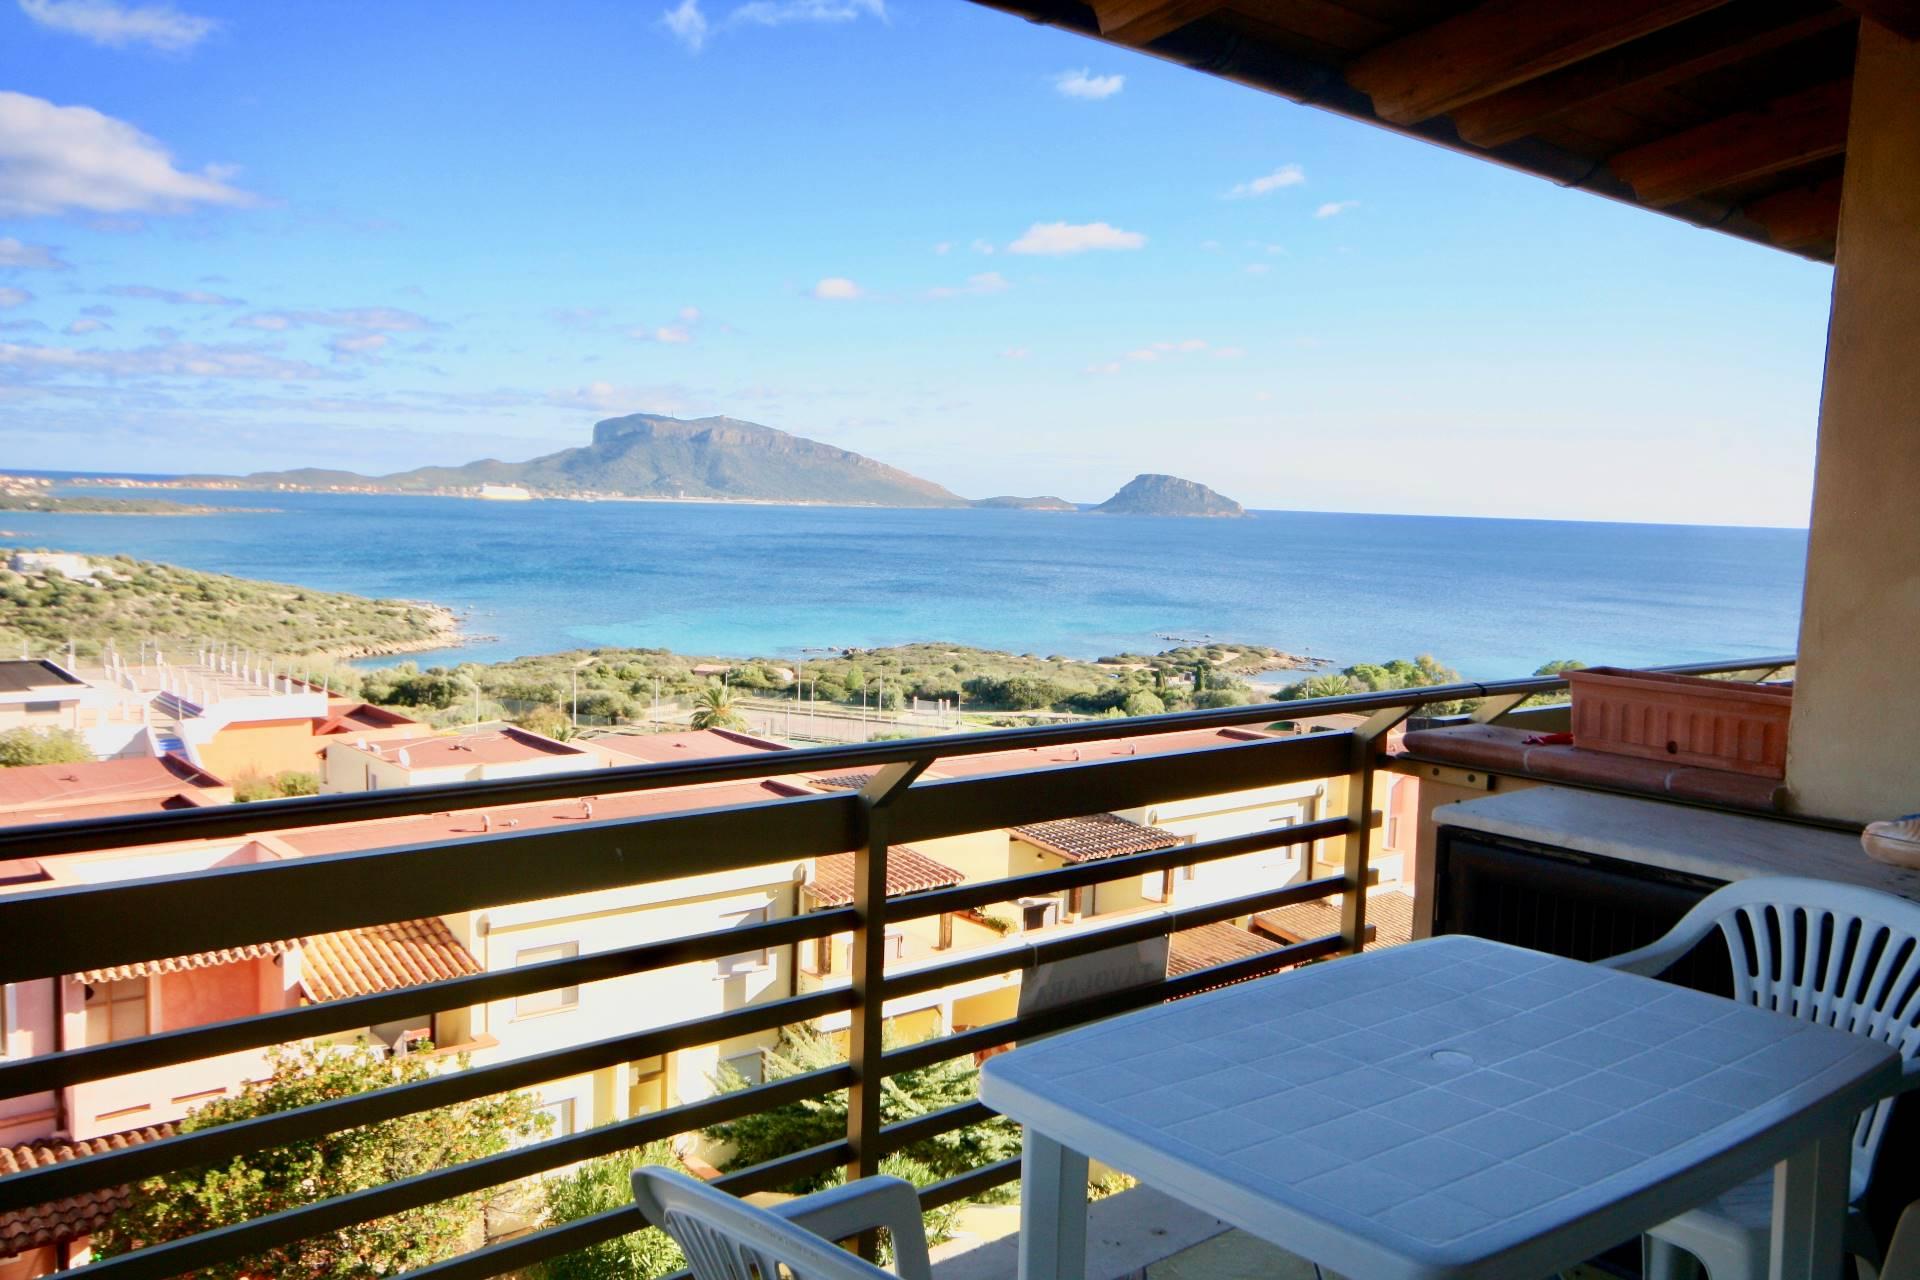 Appartamento in vendita a Golfo Aranci, 3 locali, zona Zona: Terrata, prezzo € 159.000   CambioCasa.it